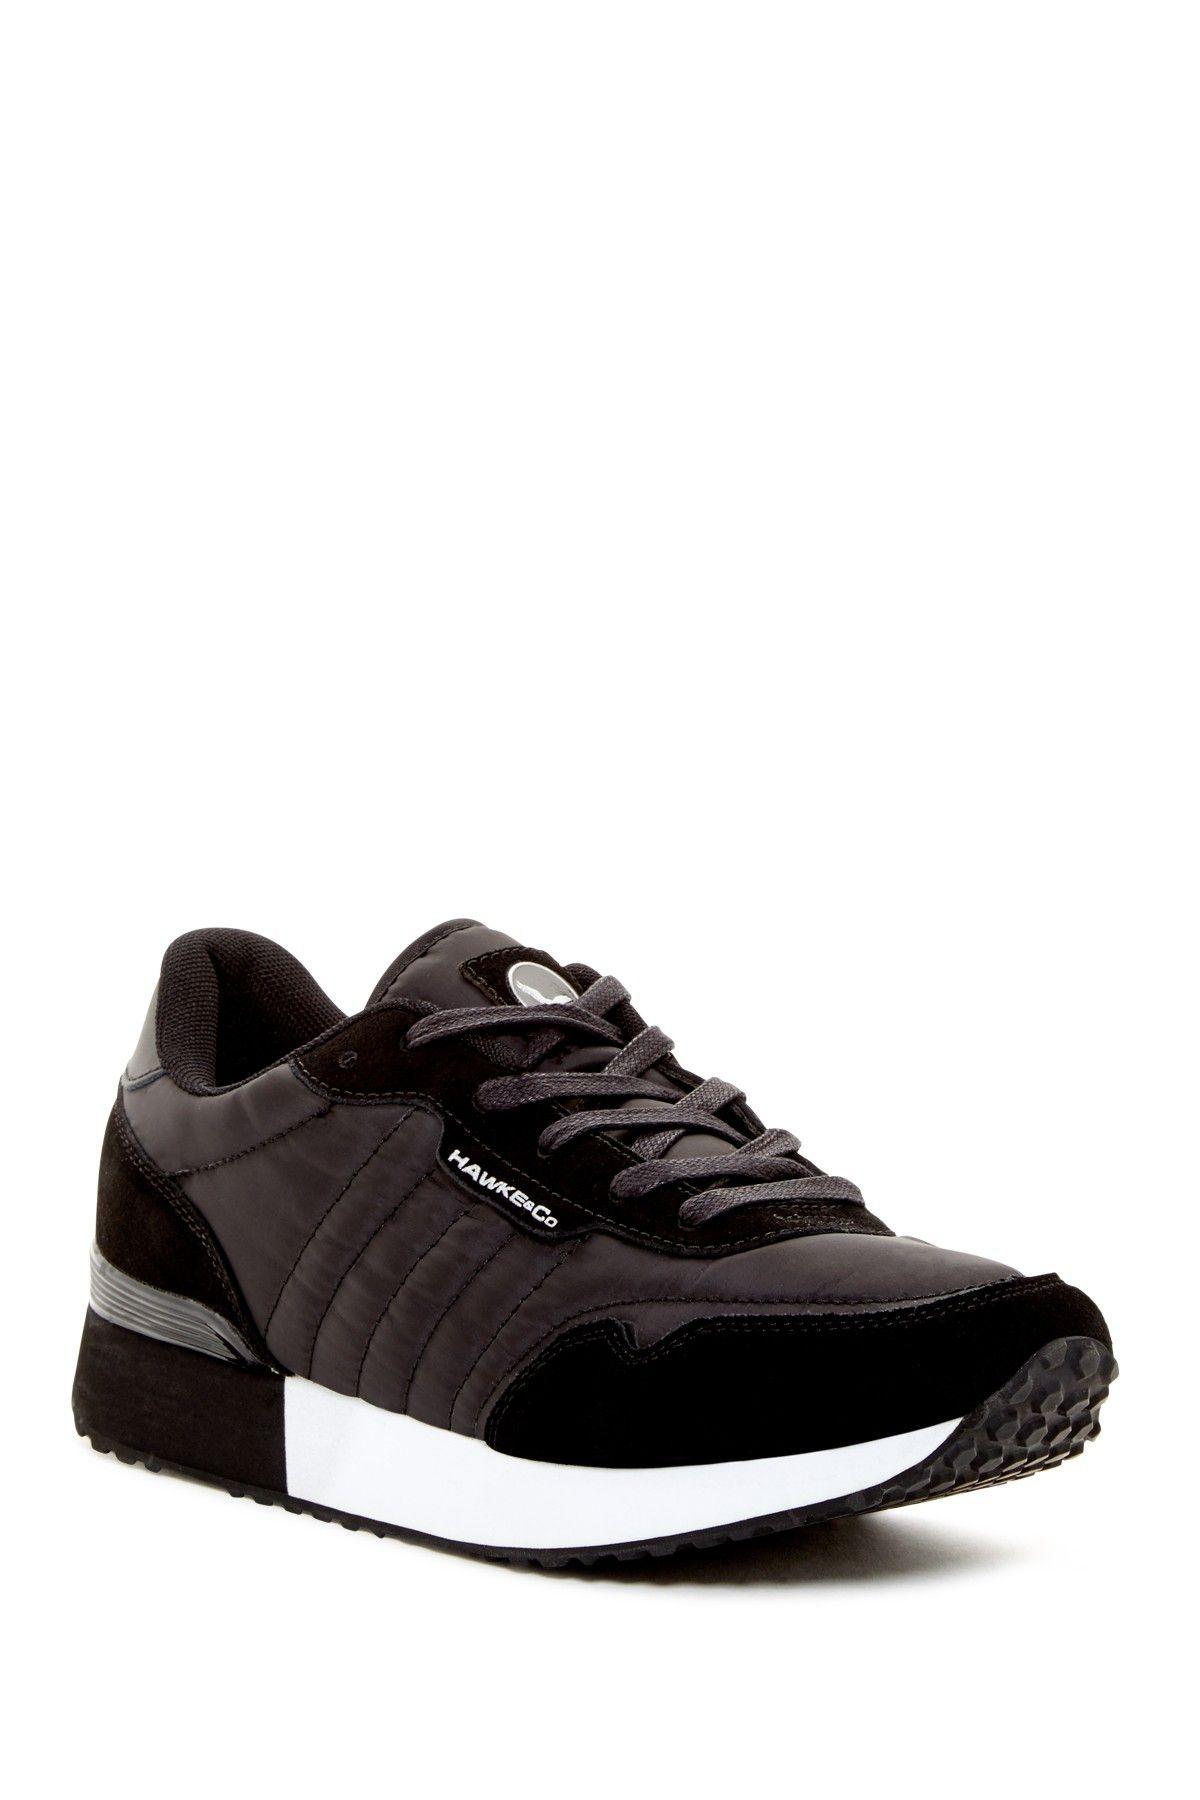 Warren Low Sneaker